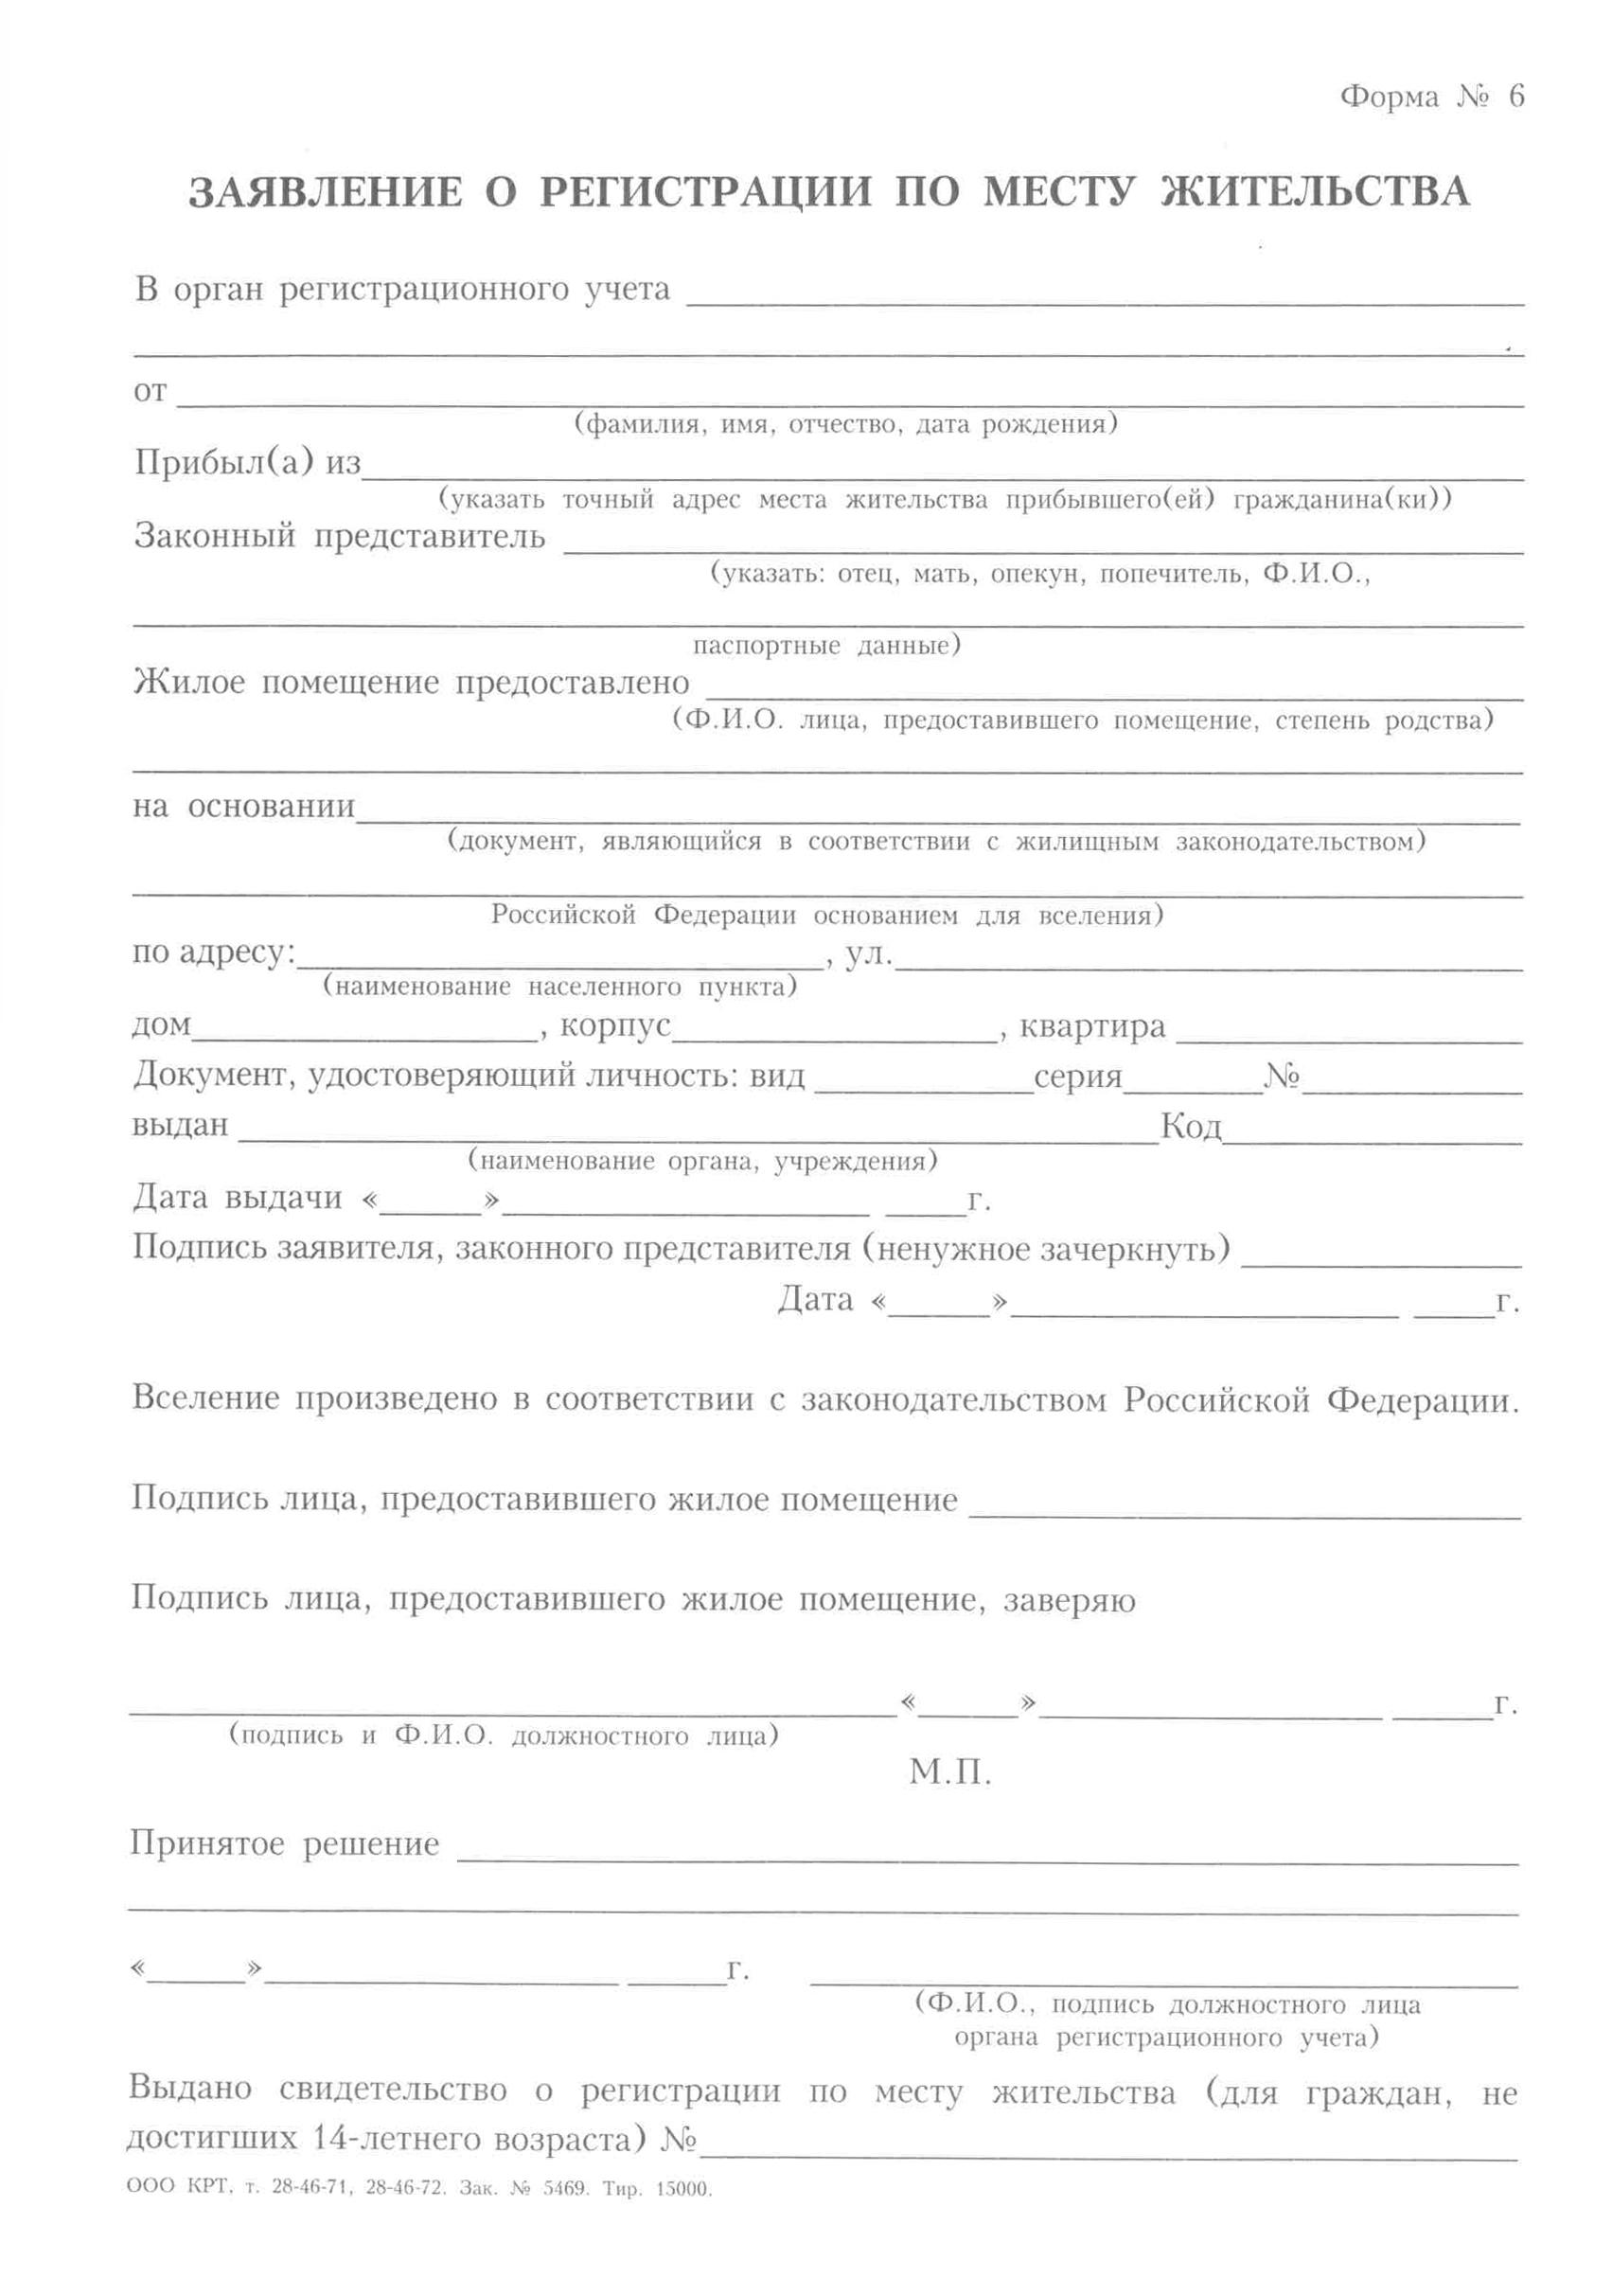 Регистрация граждан рф по месту жительства онлайн заявление на регистрацию иностранных граждан уфмс